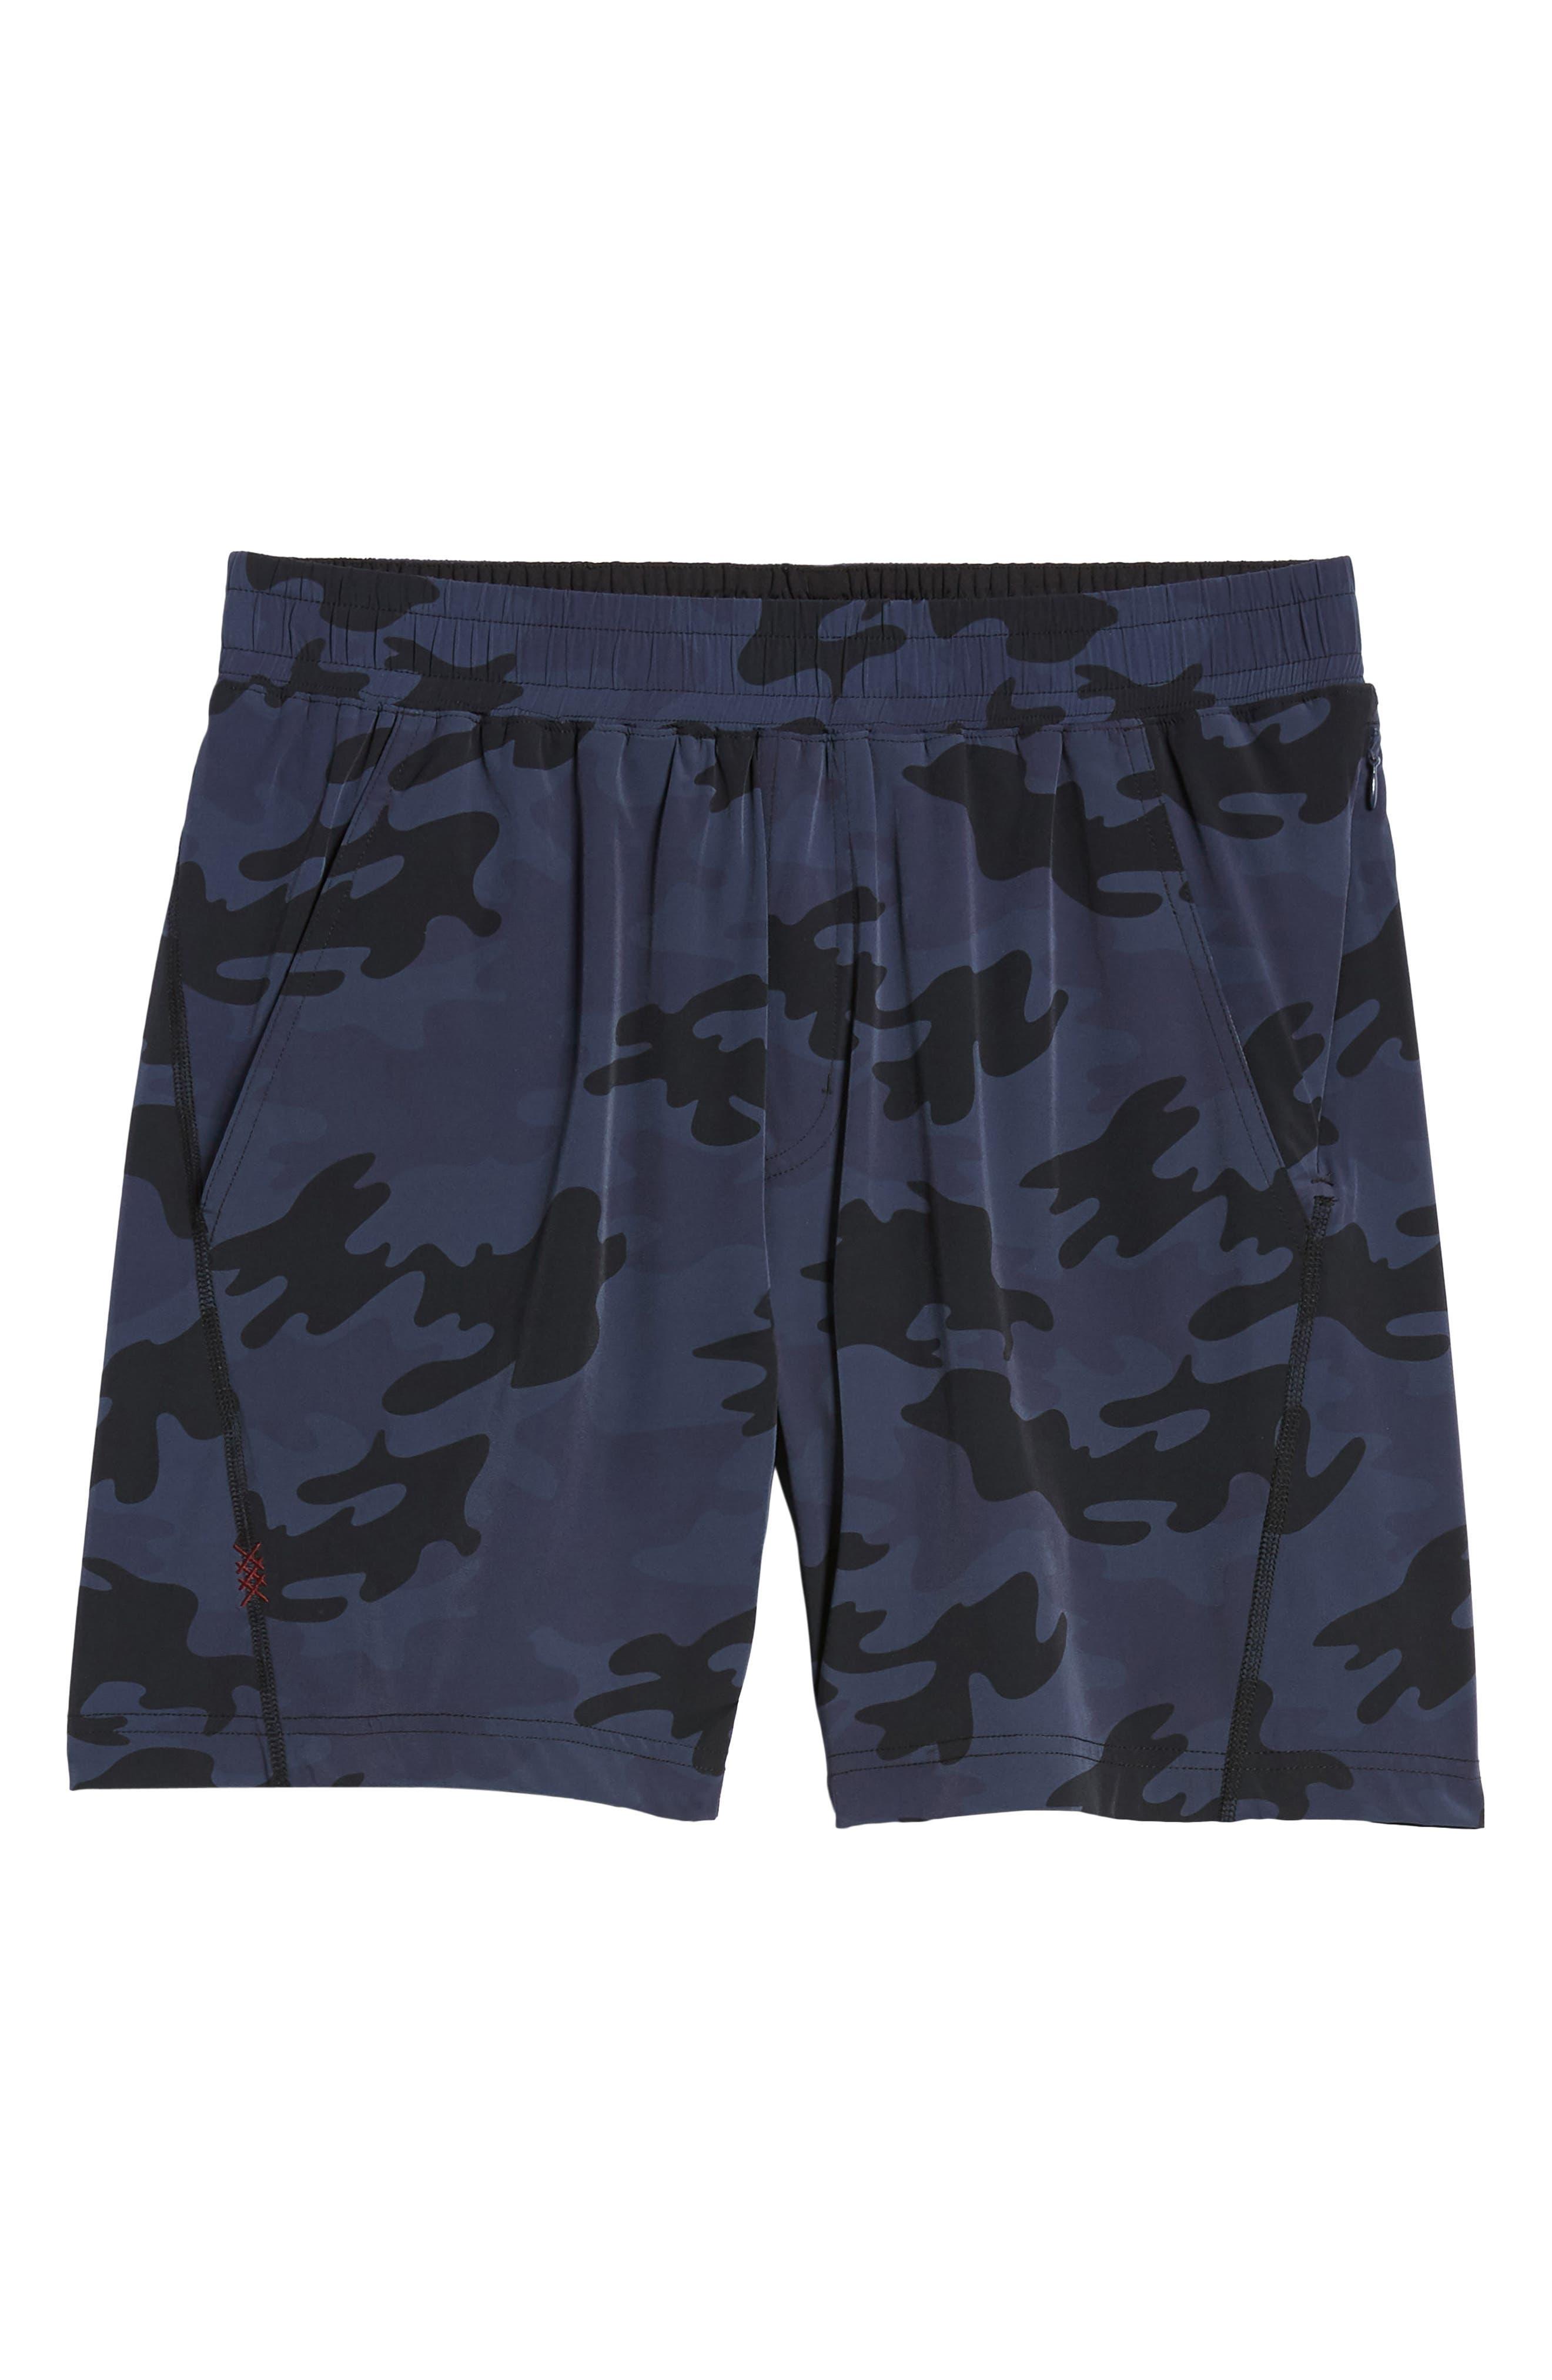 Mako Training Shorts,                             Alternate thumbnail 6, color,                             NAVY CAMO